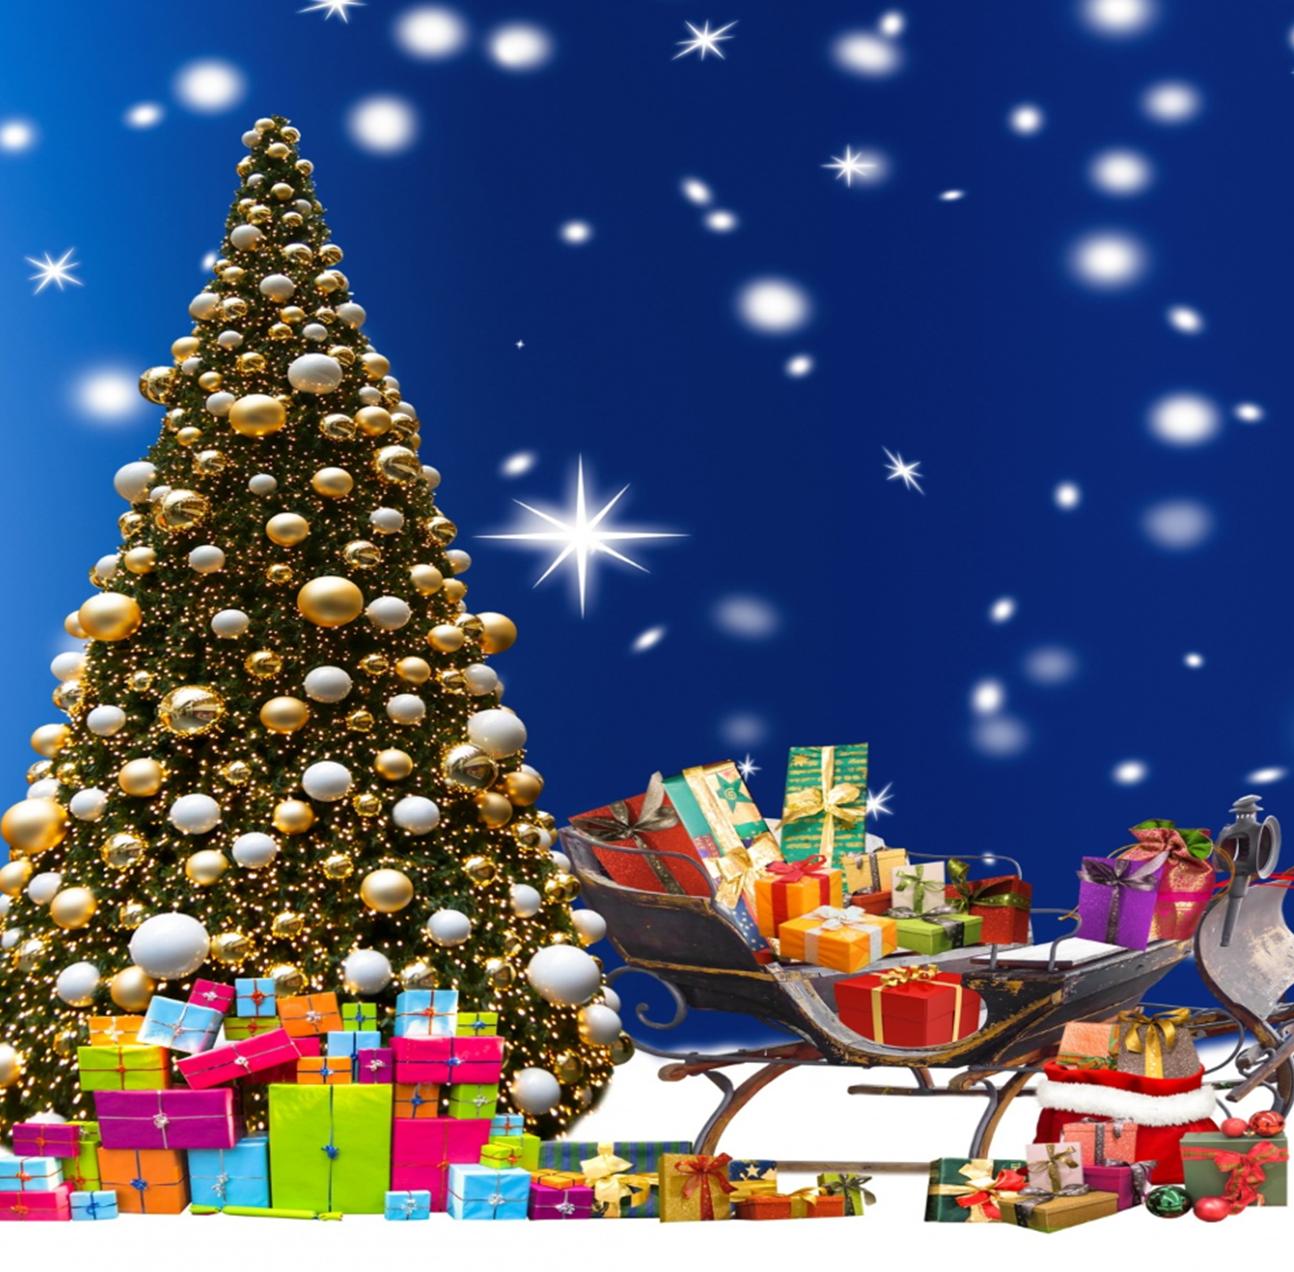 christmas tree and sleigh